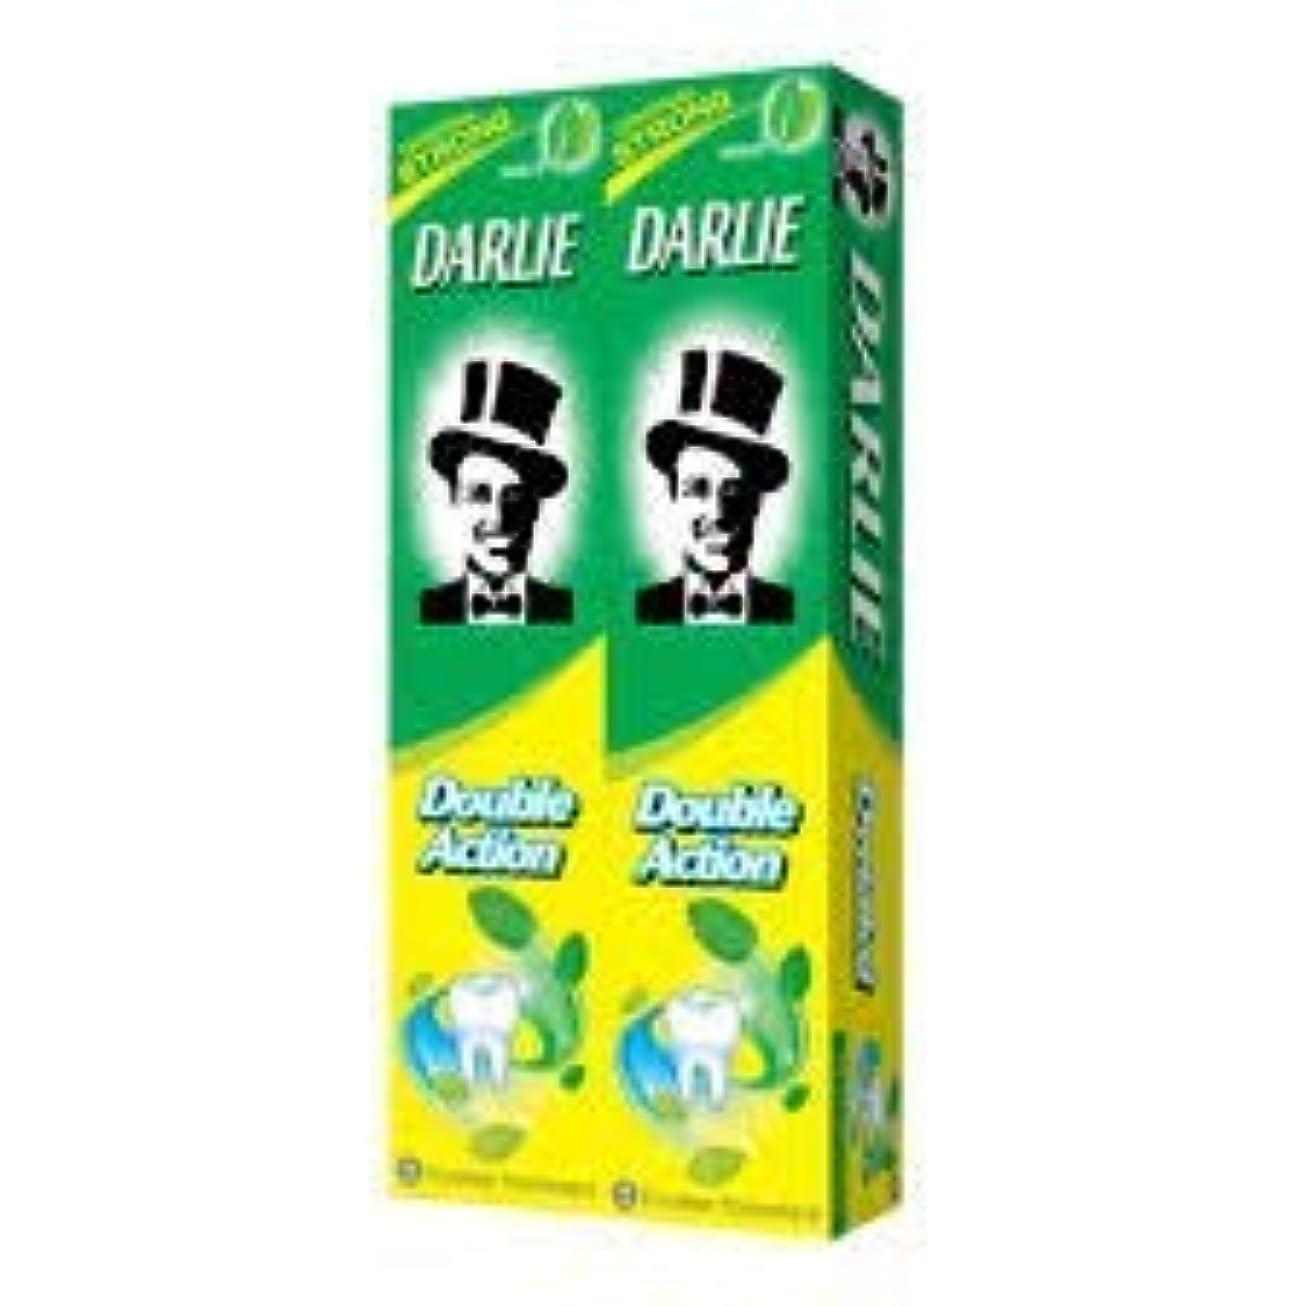 プレミアムまたはどちらか持続するDARLIE 歯磨き粉2×225gの複動GWPは、より永続的な新鮮な息12時間-gives - 口腔細菌を減少させるのに有効